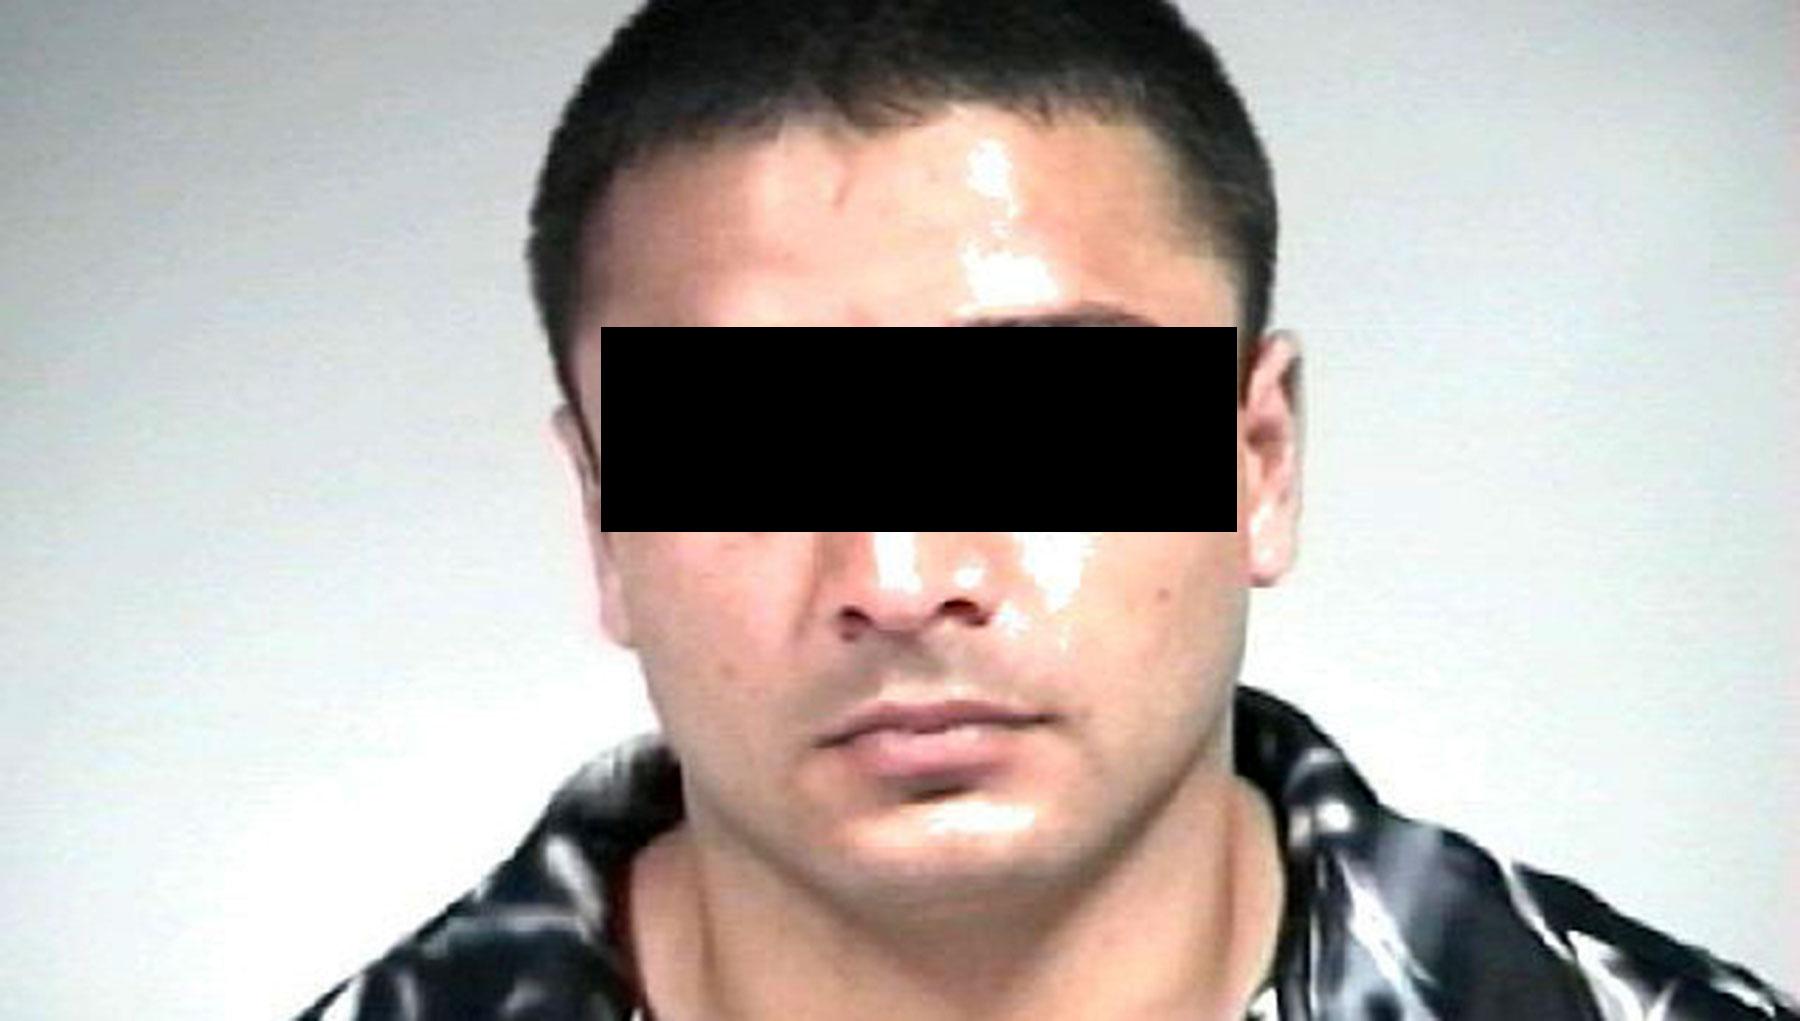 d22a4621e7 Podczas aresztowania 30-latek miał przy sobie fałszywe dokumenty na kilka  nazwisk. Mógł przedstawiać się jako obywatel Rumunii